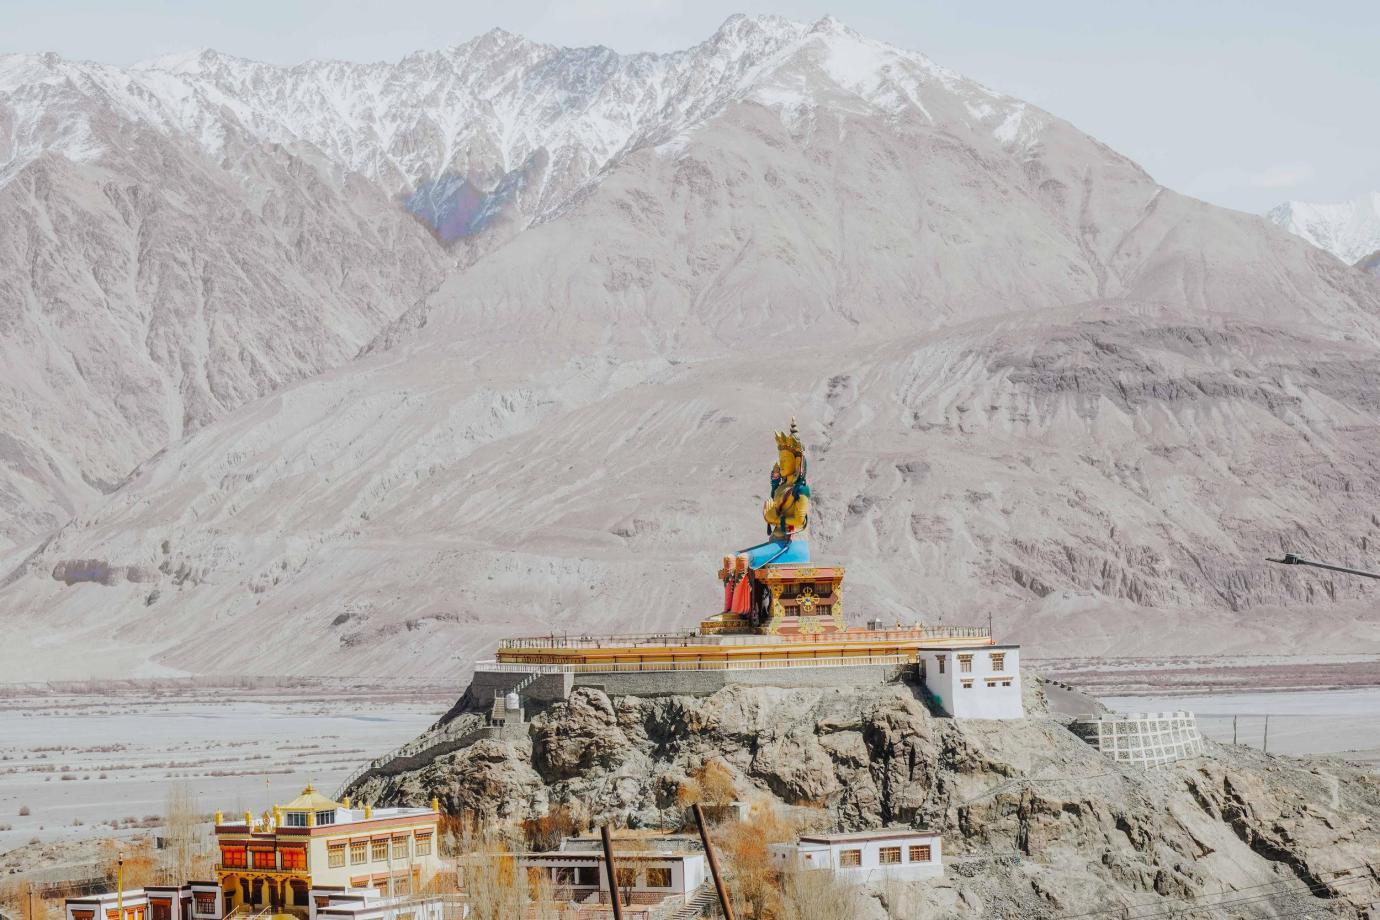 Những trải nghiệm không dành cho những người thích an nhàn tại Ladakh - Tiểu Tây Tạng của Ấn Độ - Ảnh 4.